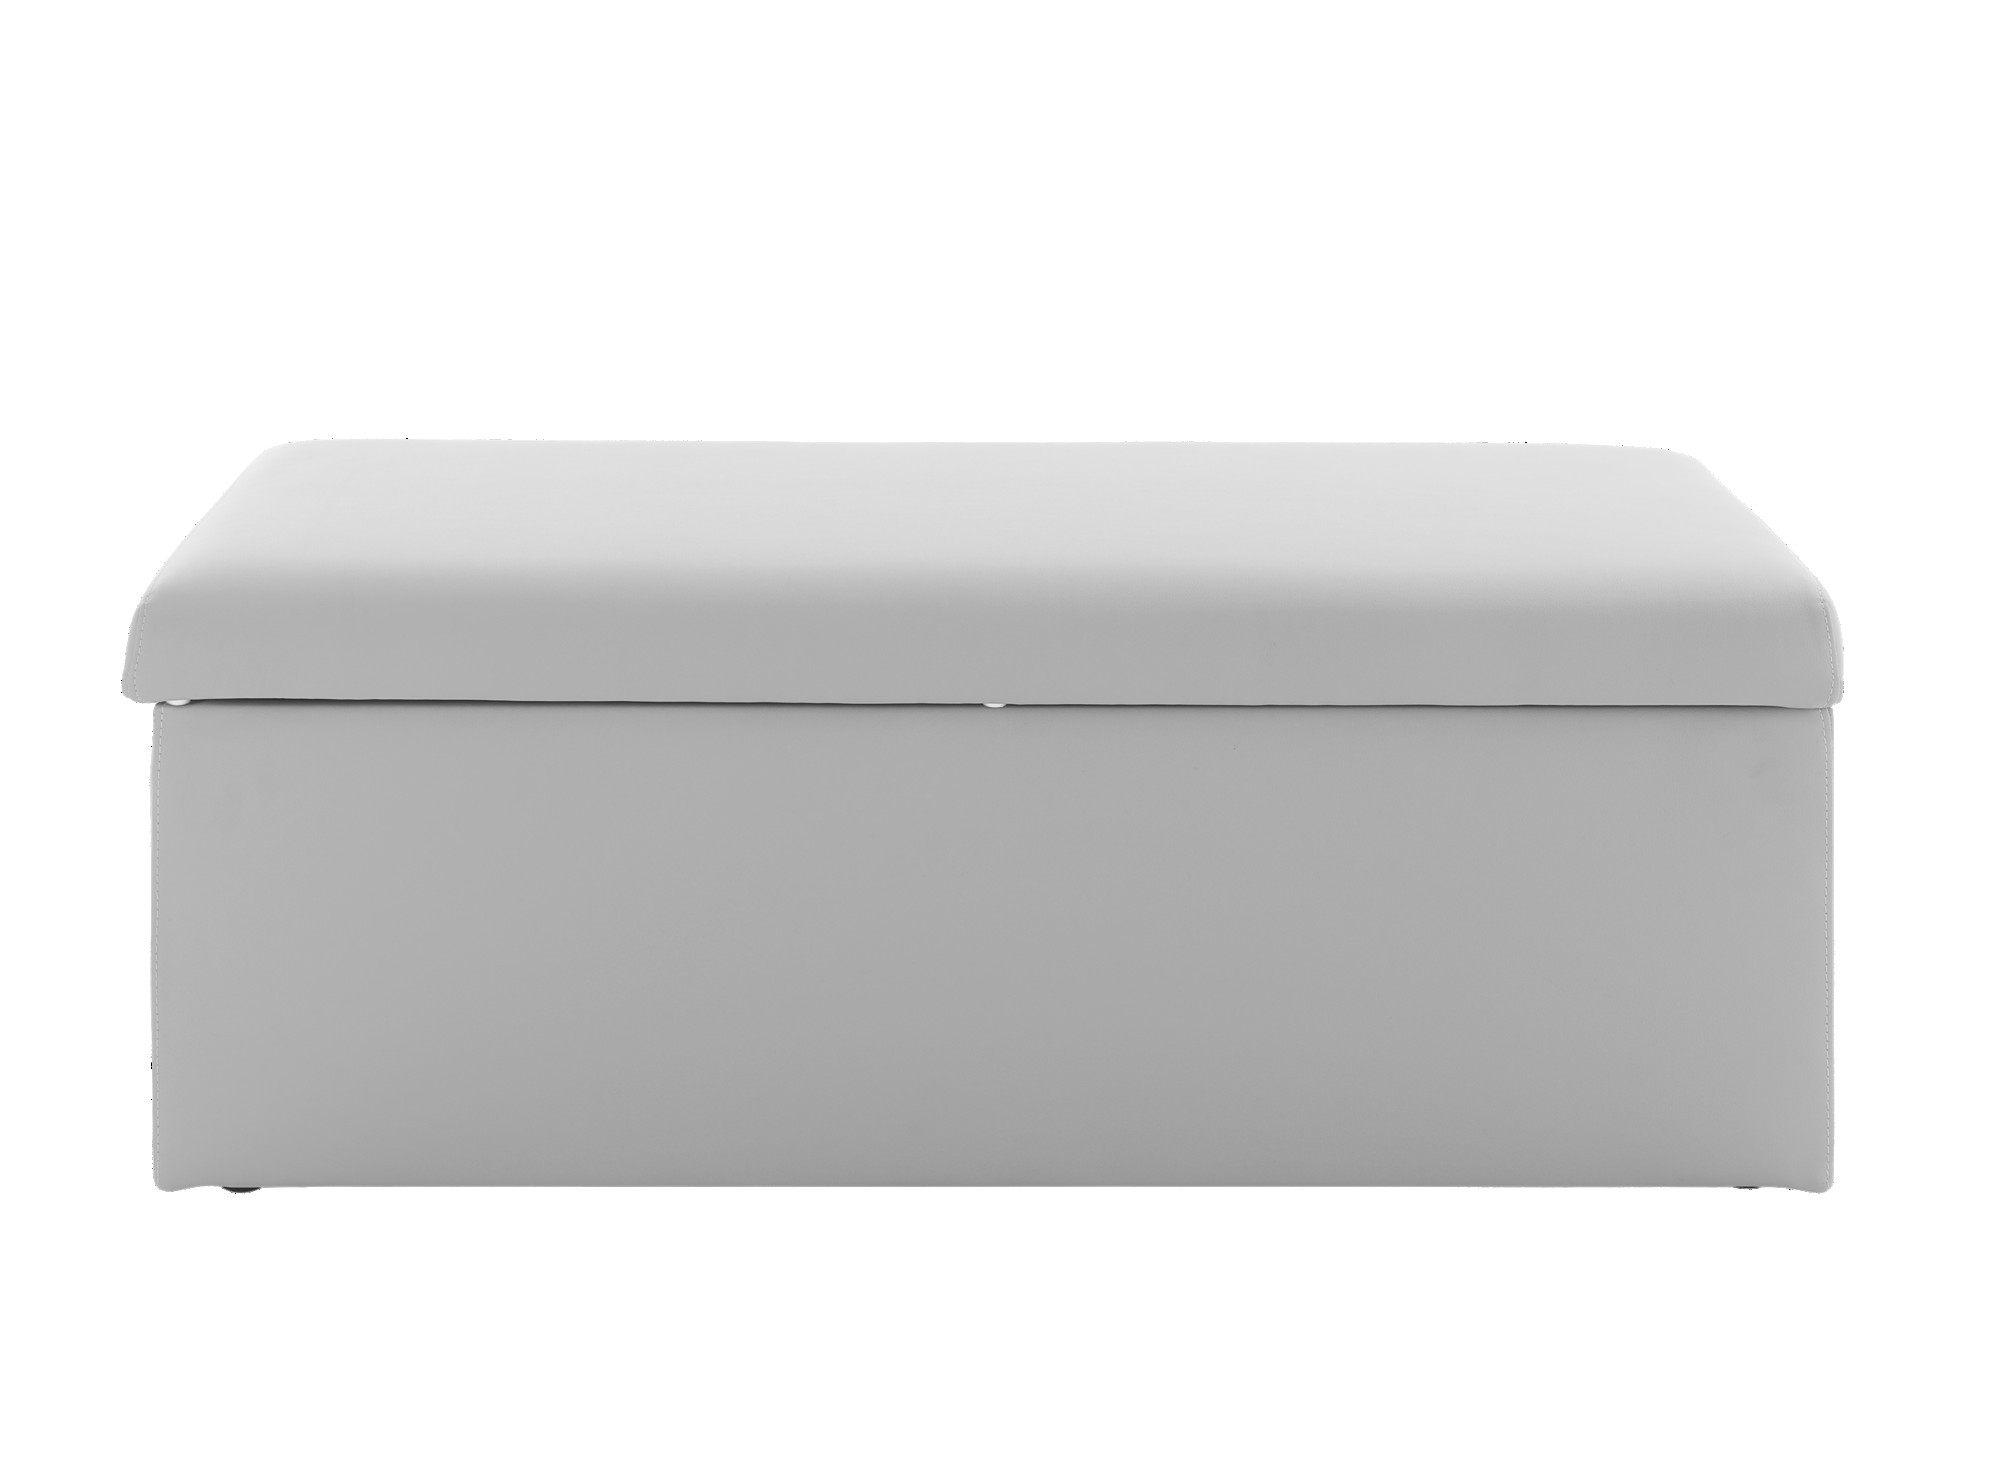 Lit Coffre Blanc 140×190 Impressionnant Banc De Lit Coffre Awesome Banc De Lit Coffre Bellevue Belhome